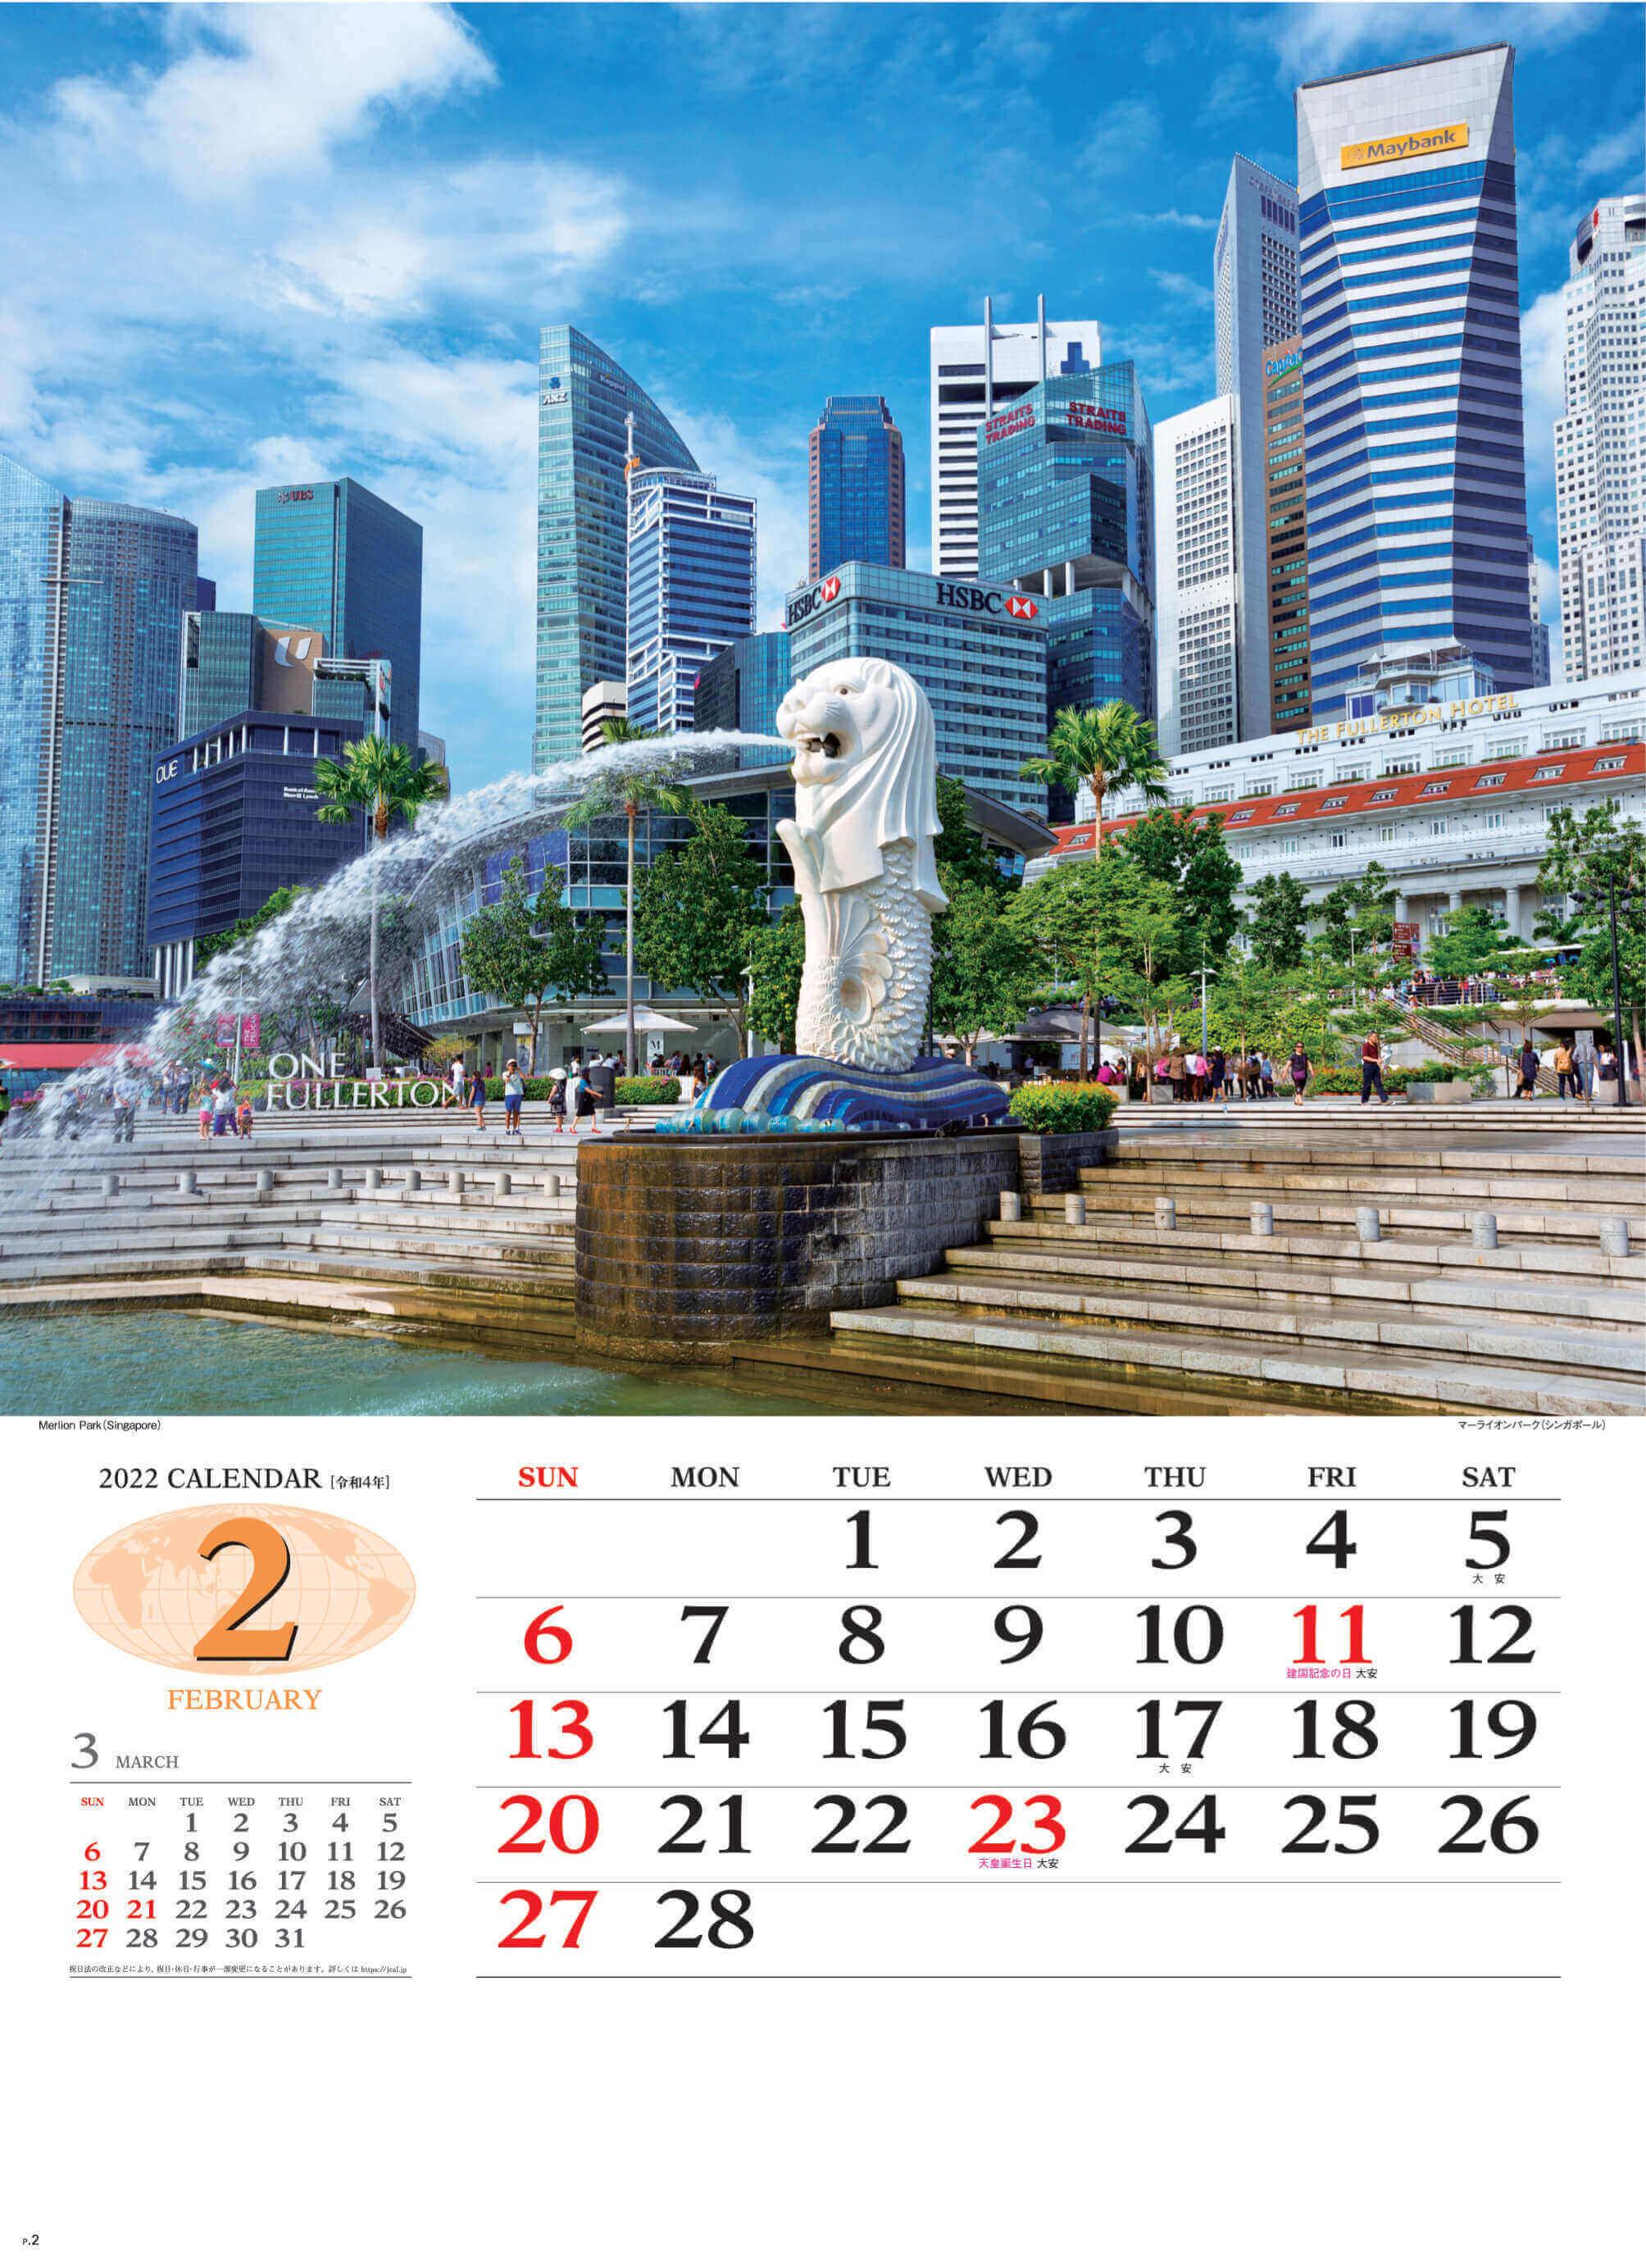 2月 マーライオンパーク シンガポール 世界の景観 2022年カレンダーの画像